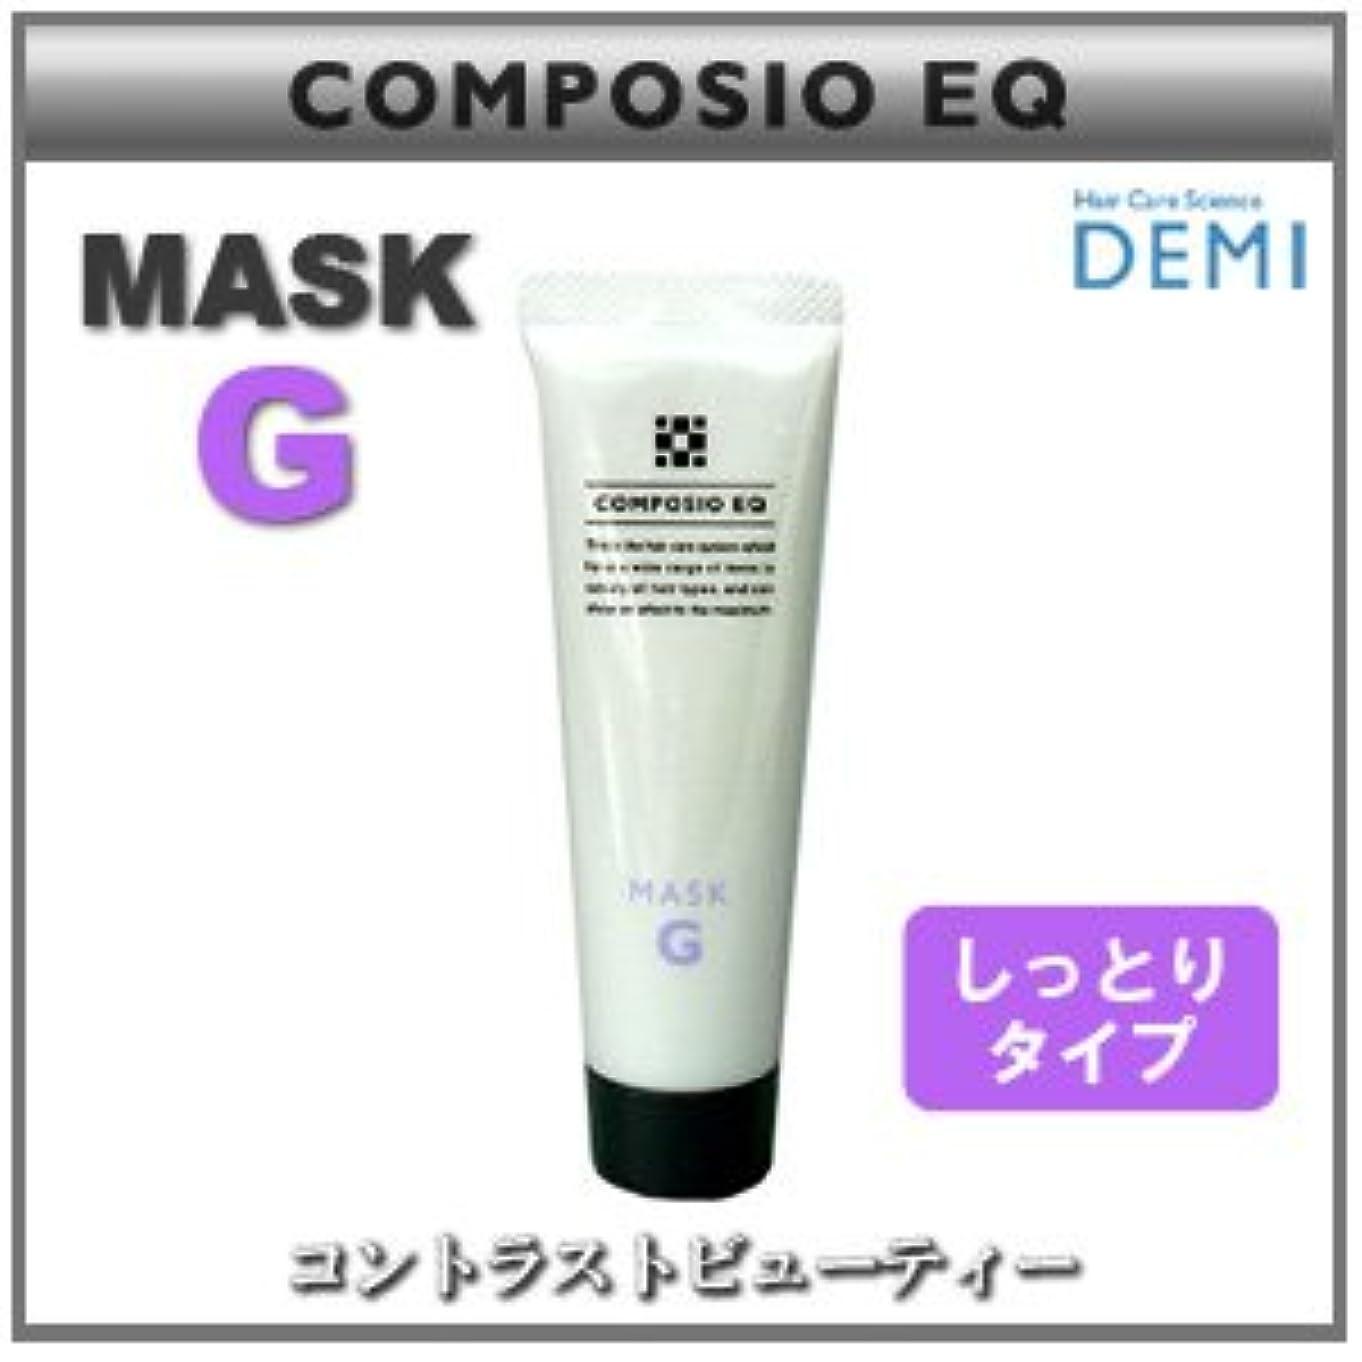 生活コンベンションモバイル【X5個セット】 デミ コンポジオ EQ マスク G 50g